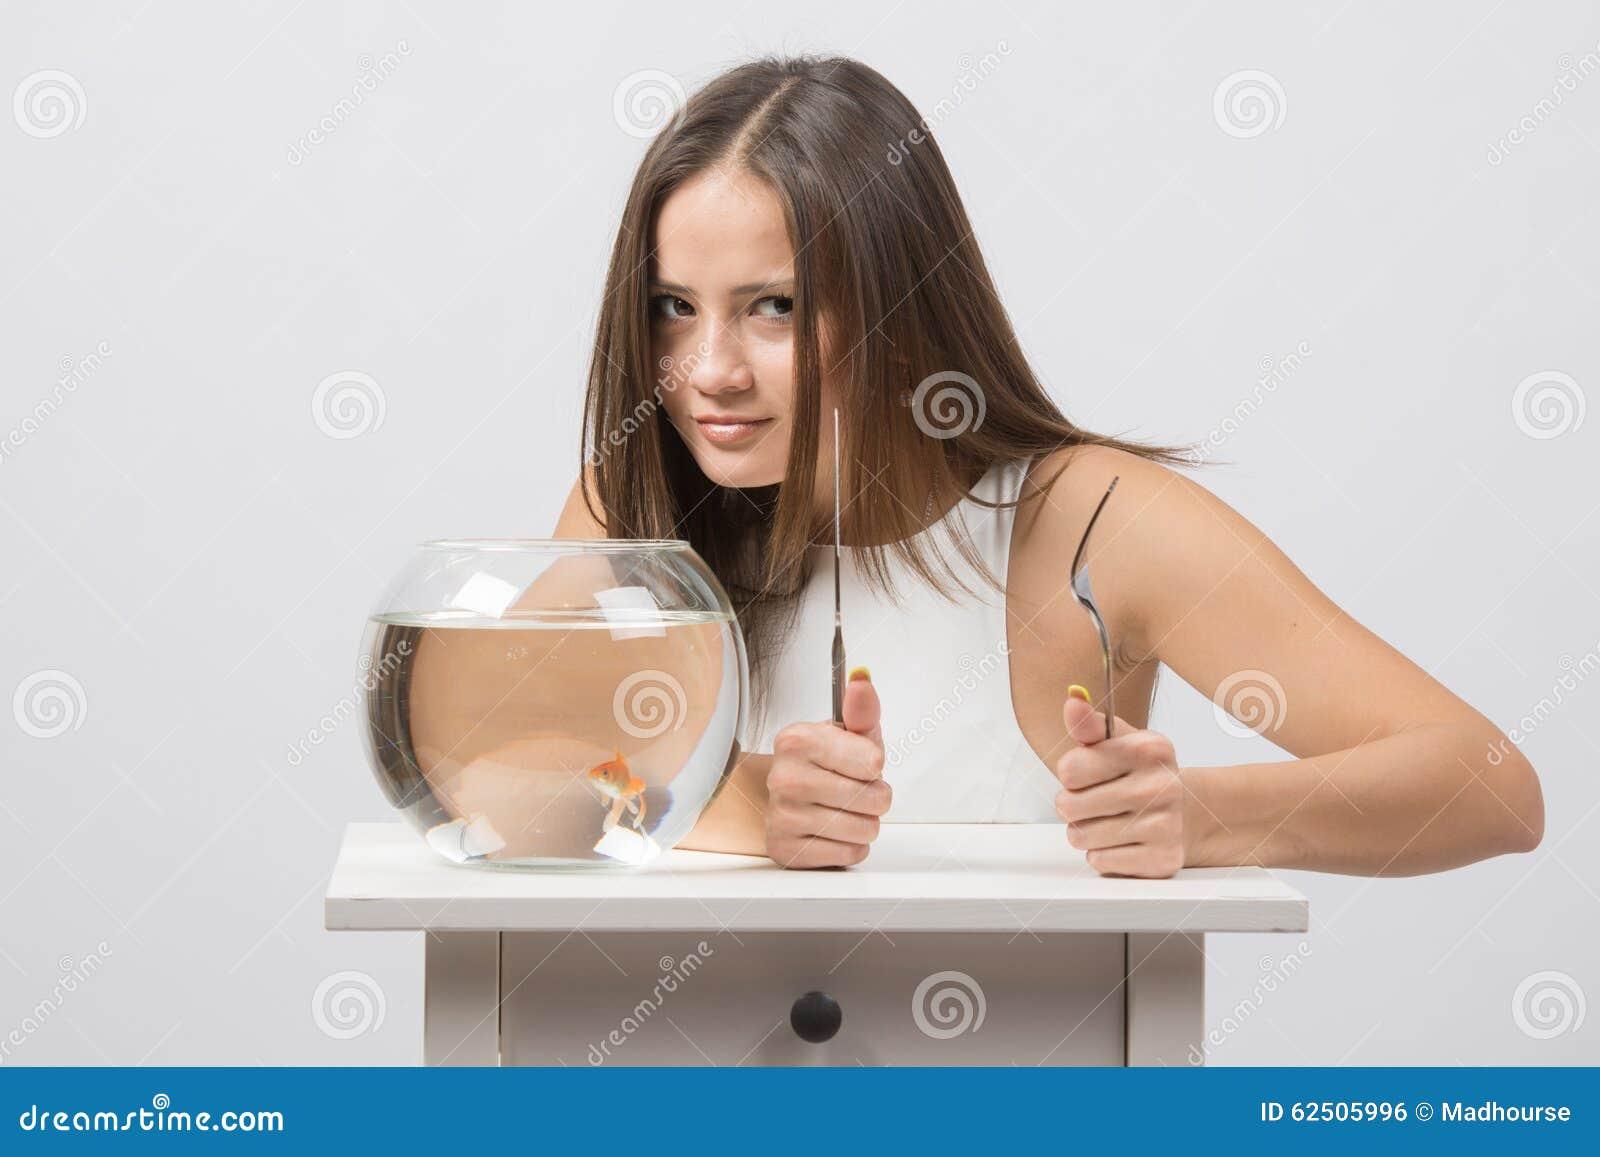 Фотки рыбку девушка